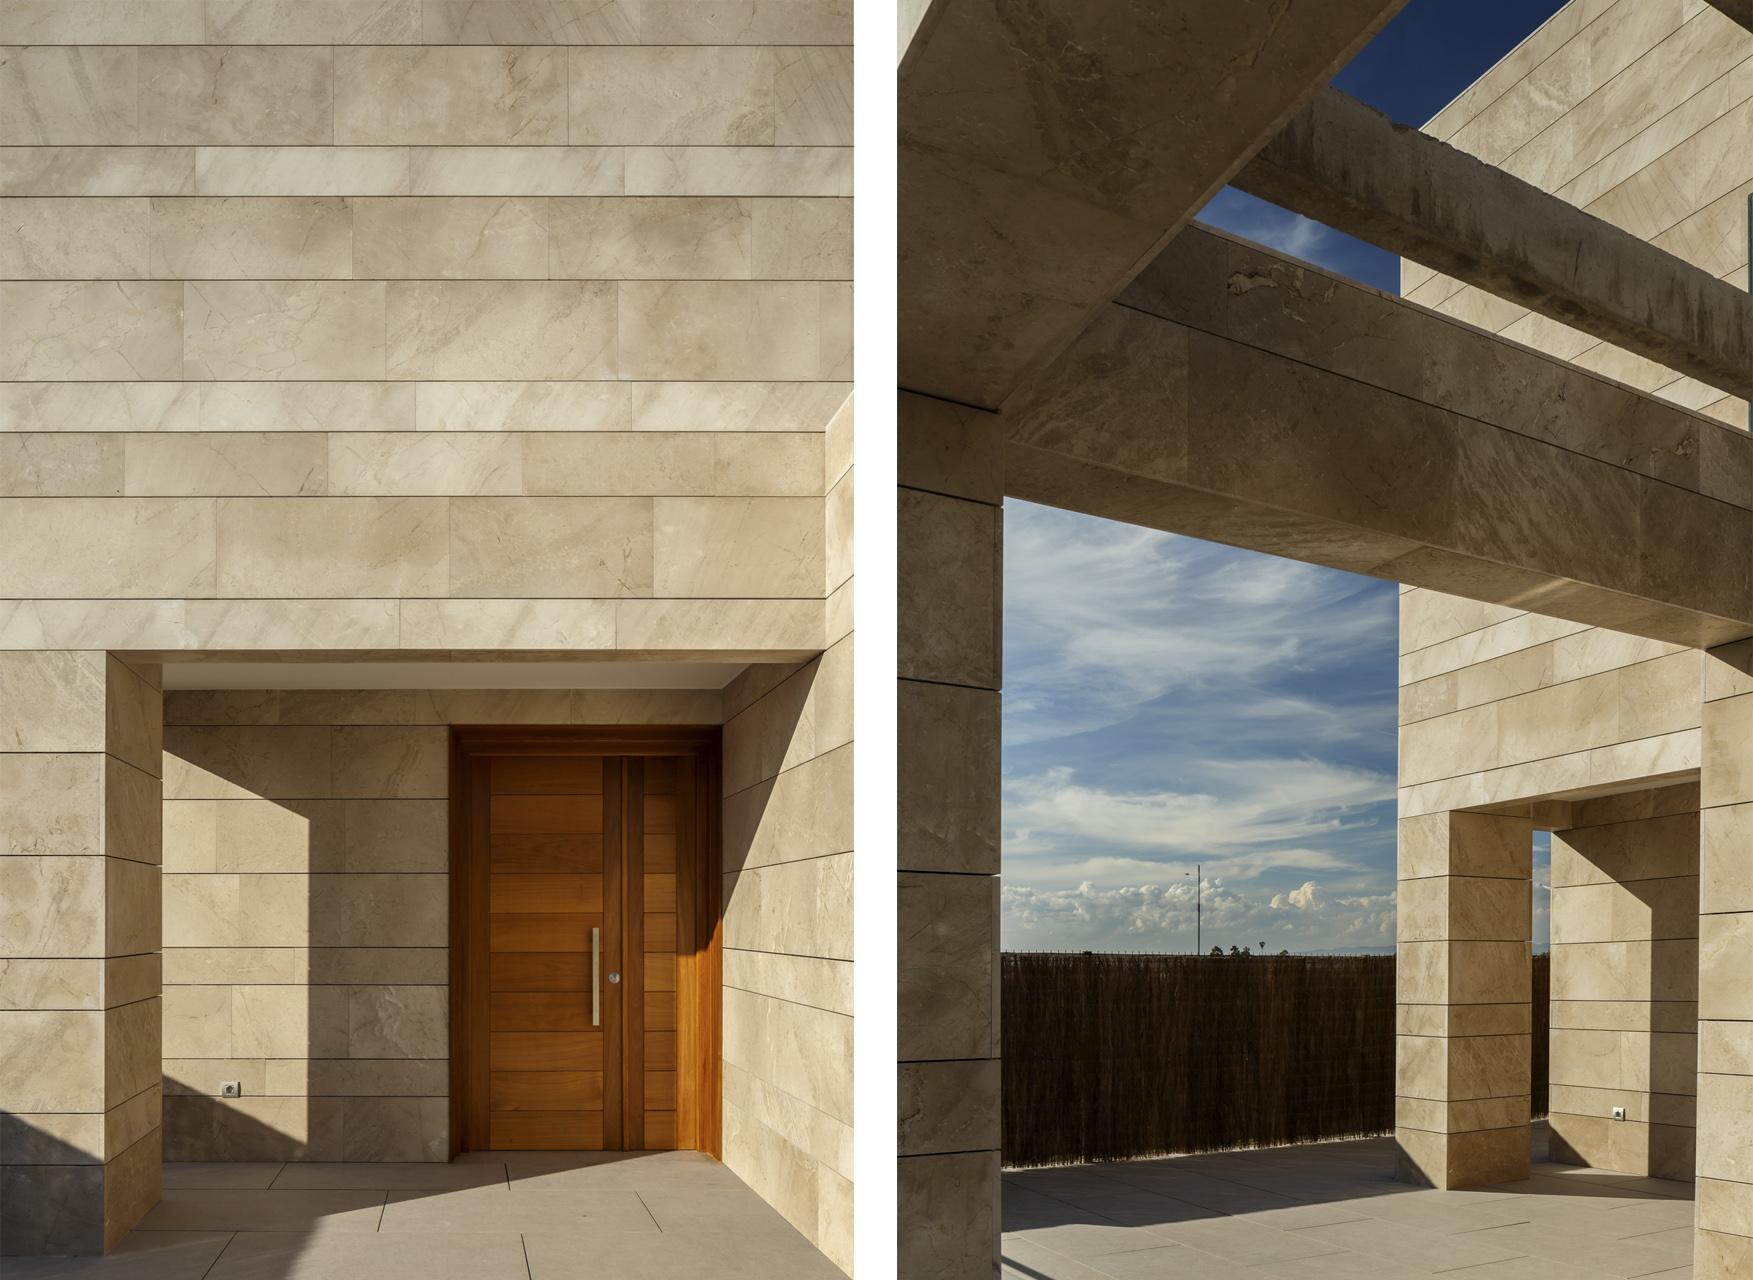 Fachada_arquitectura moderna_arquitectos valencia_volumen_entrada_proyectos